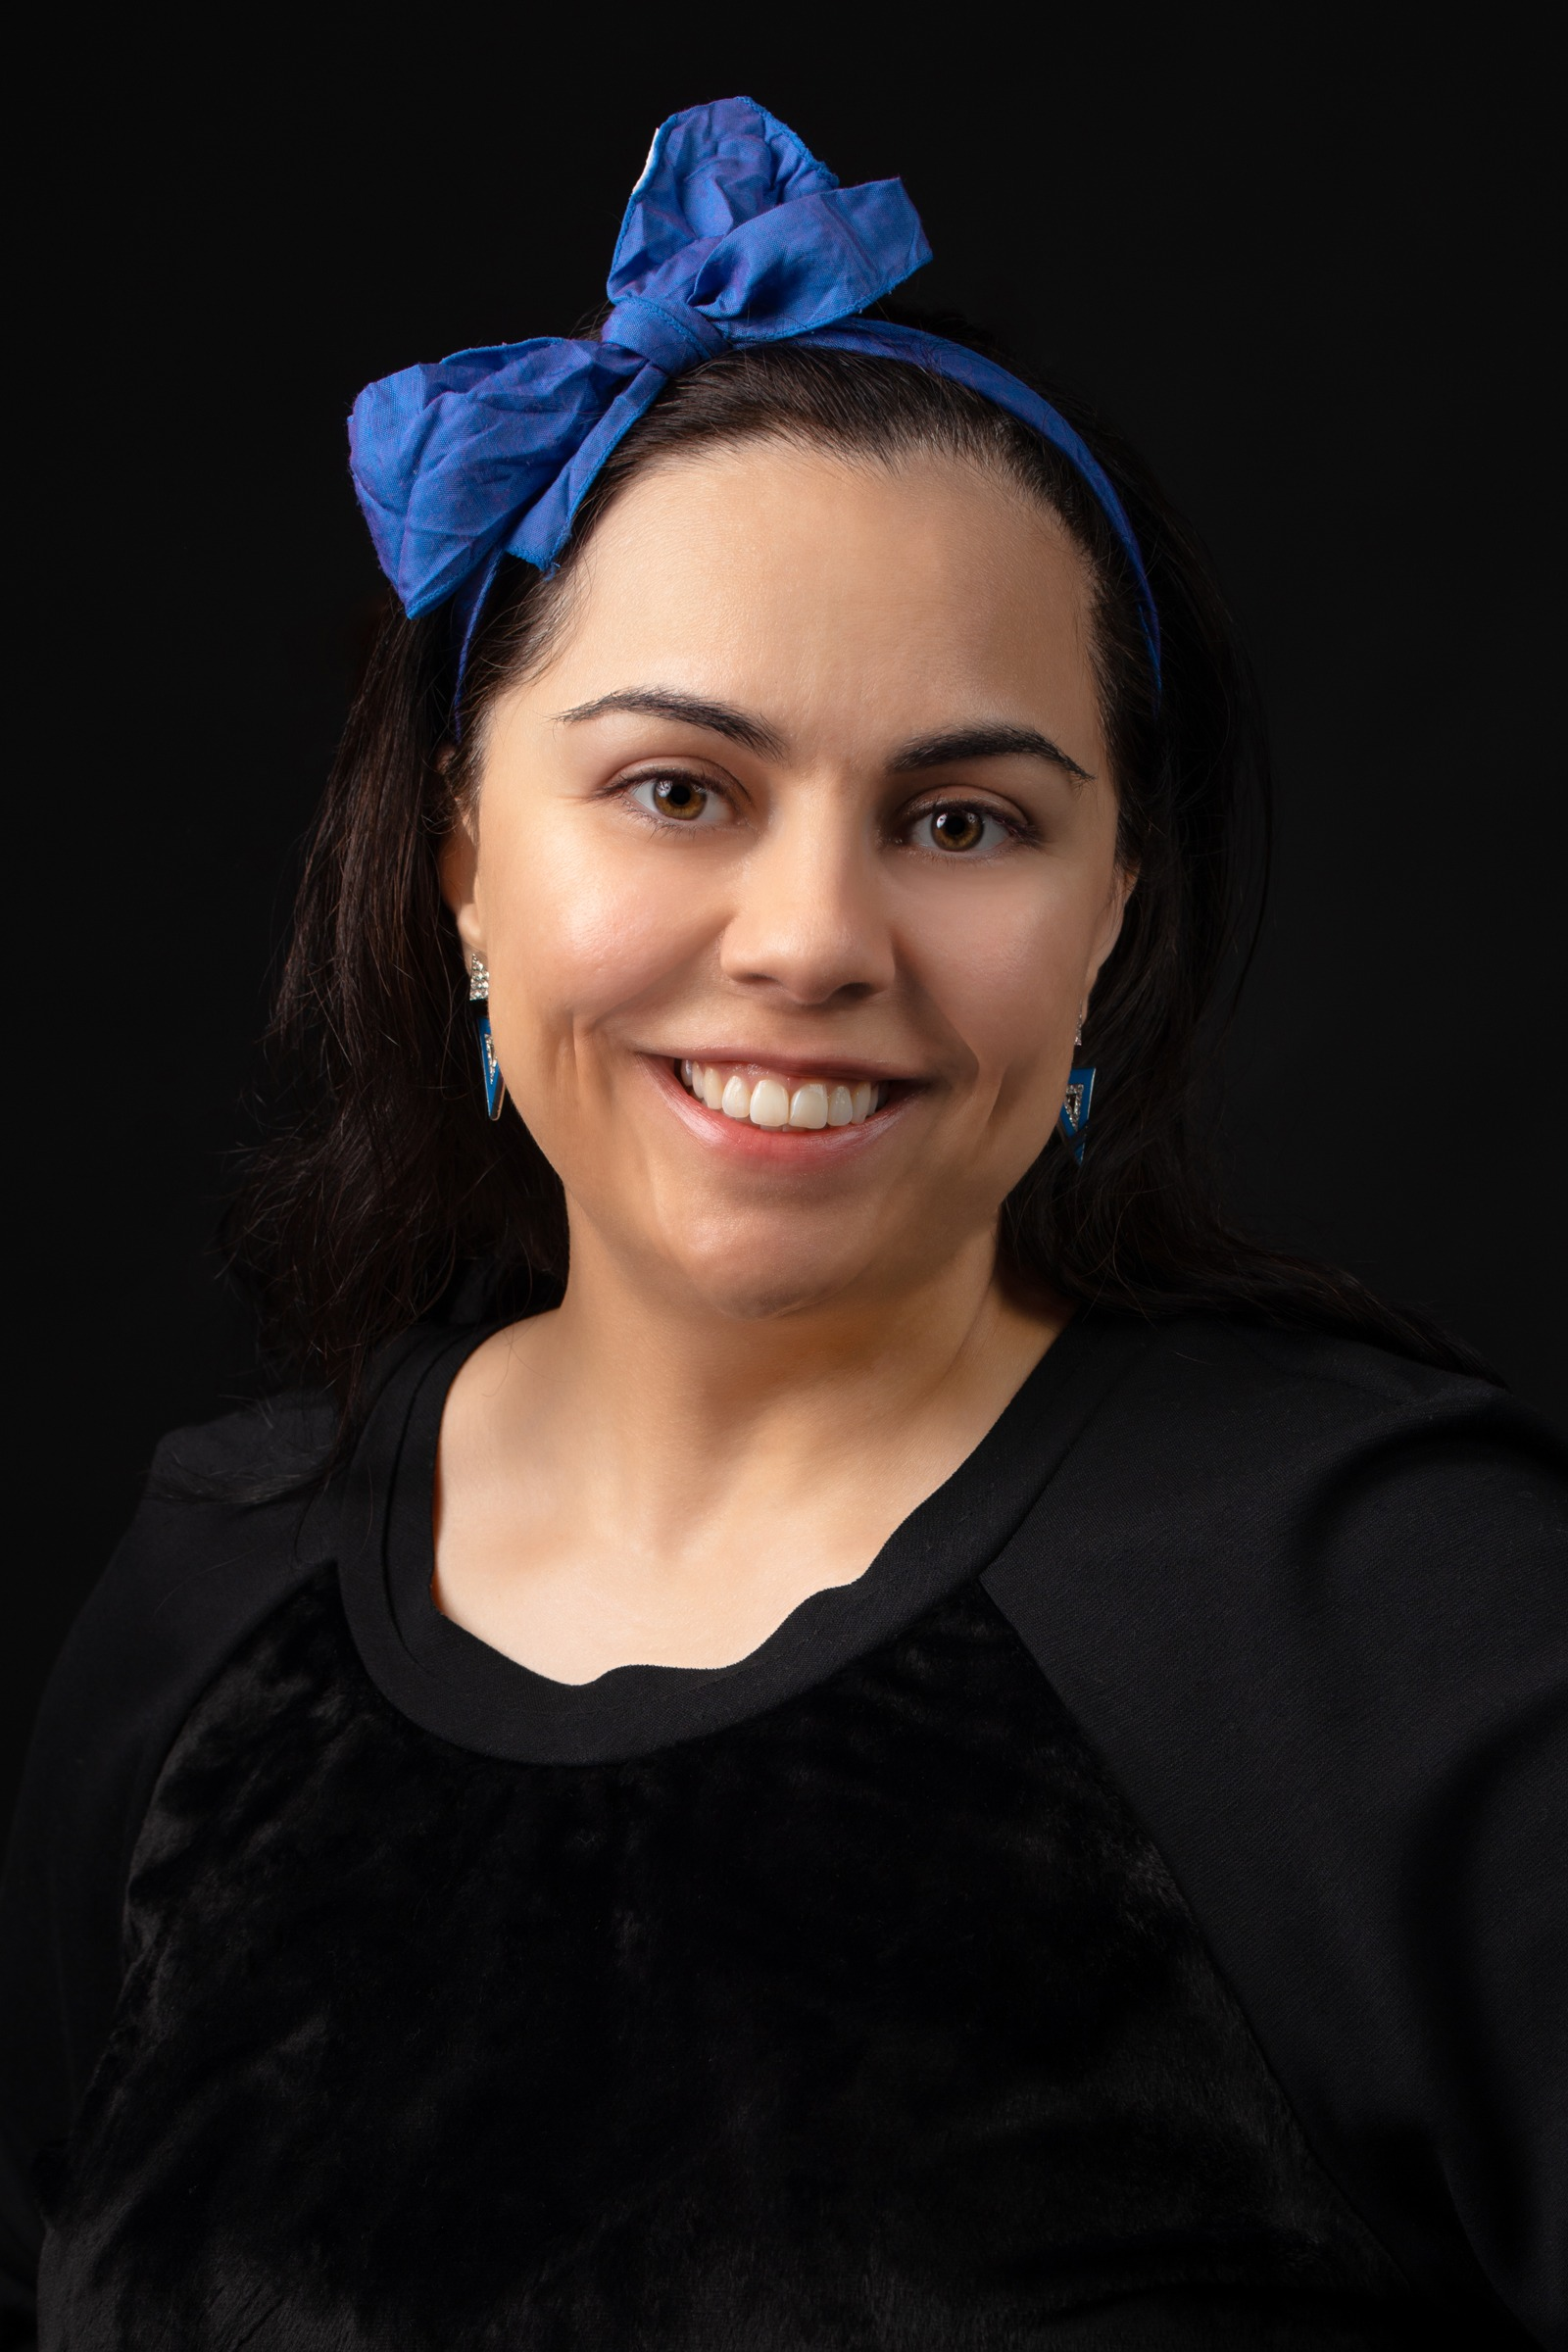 Michelle Reissig